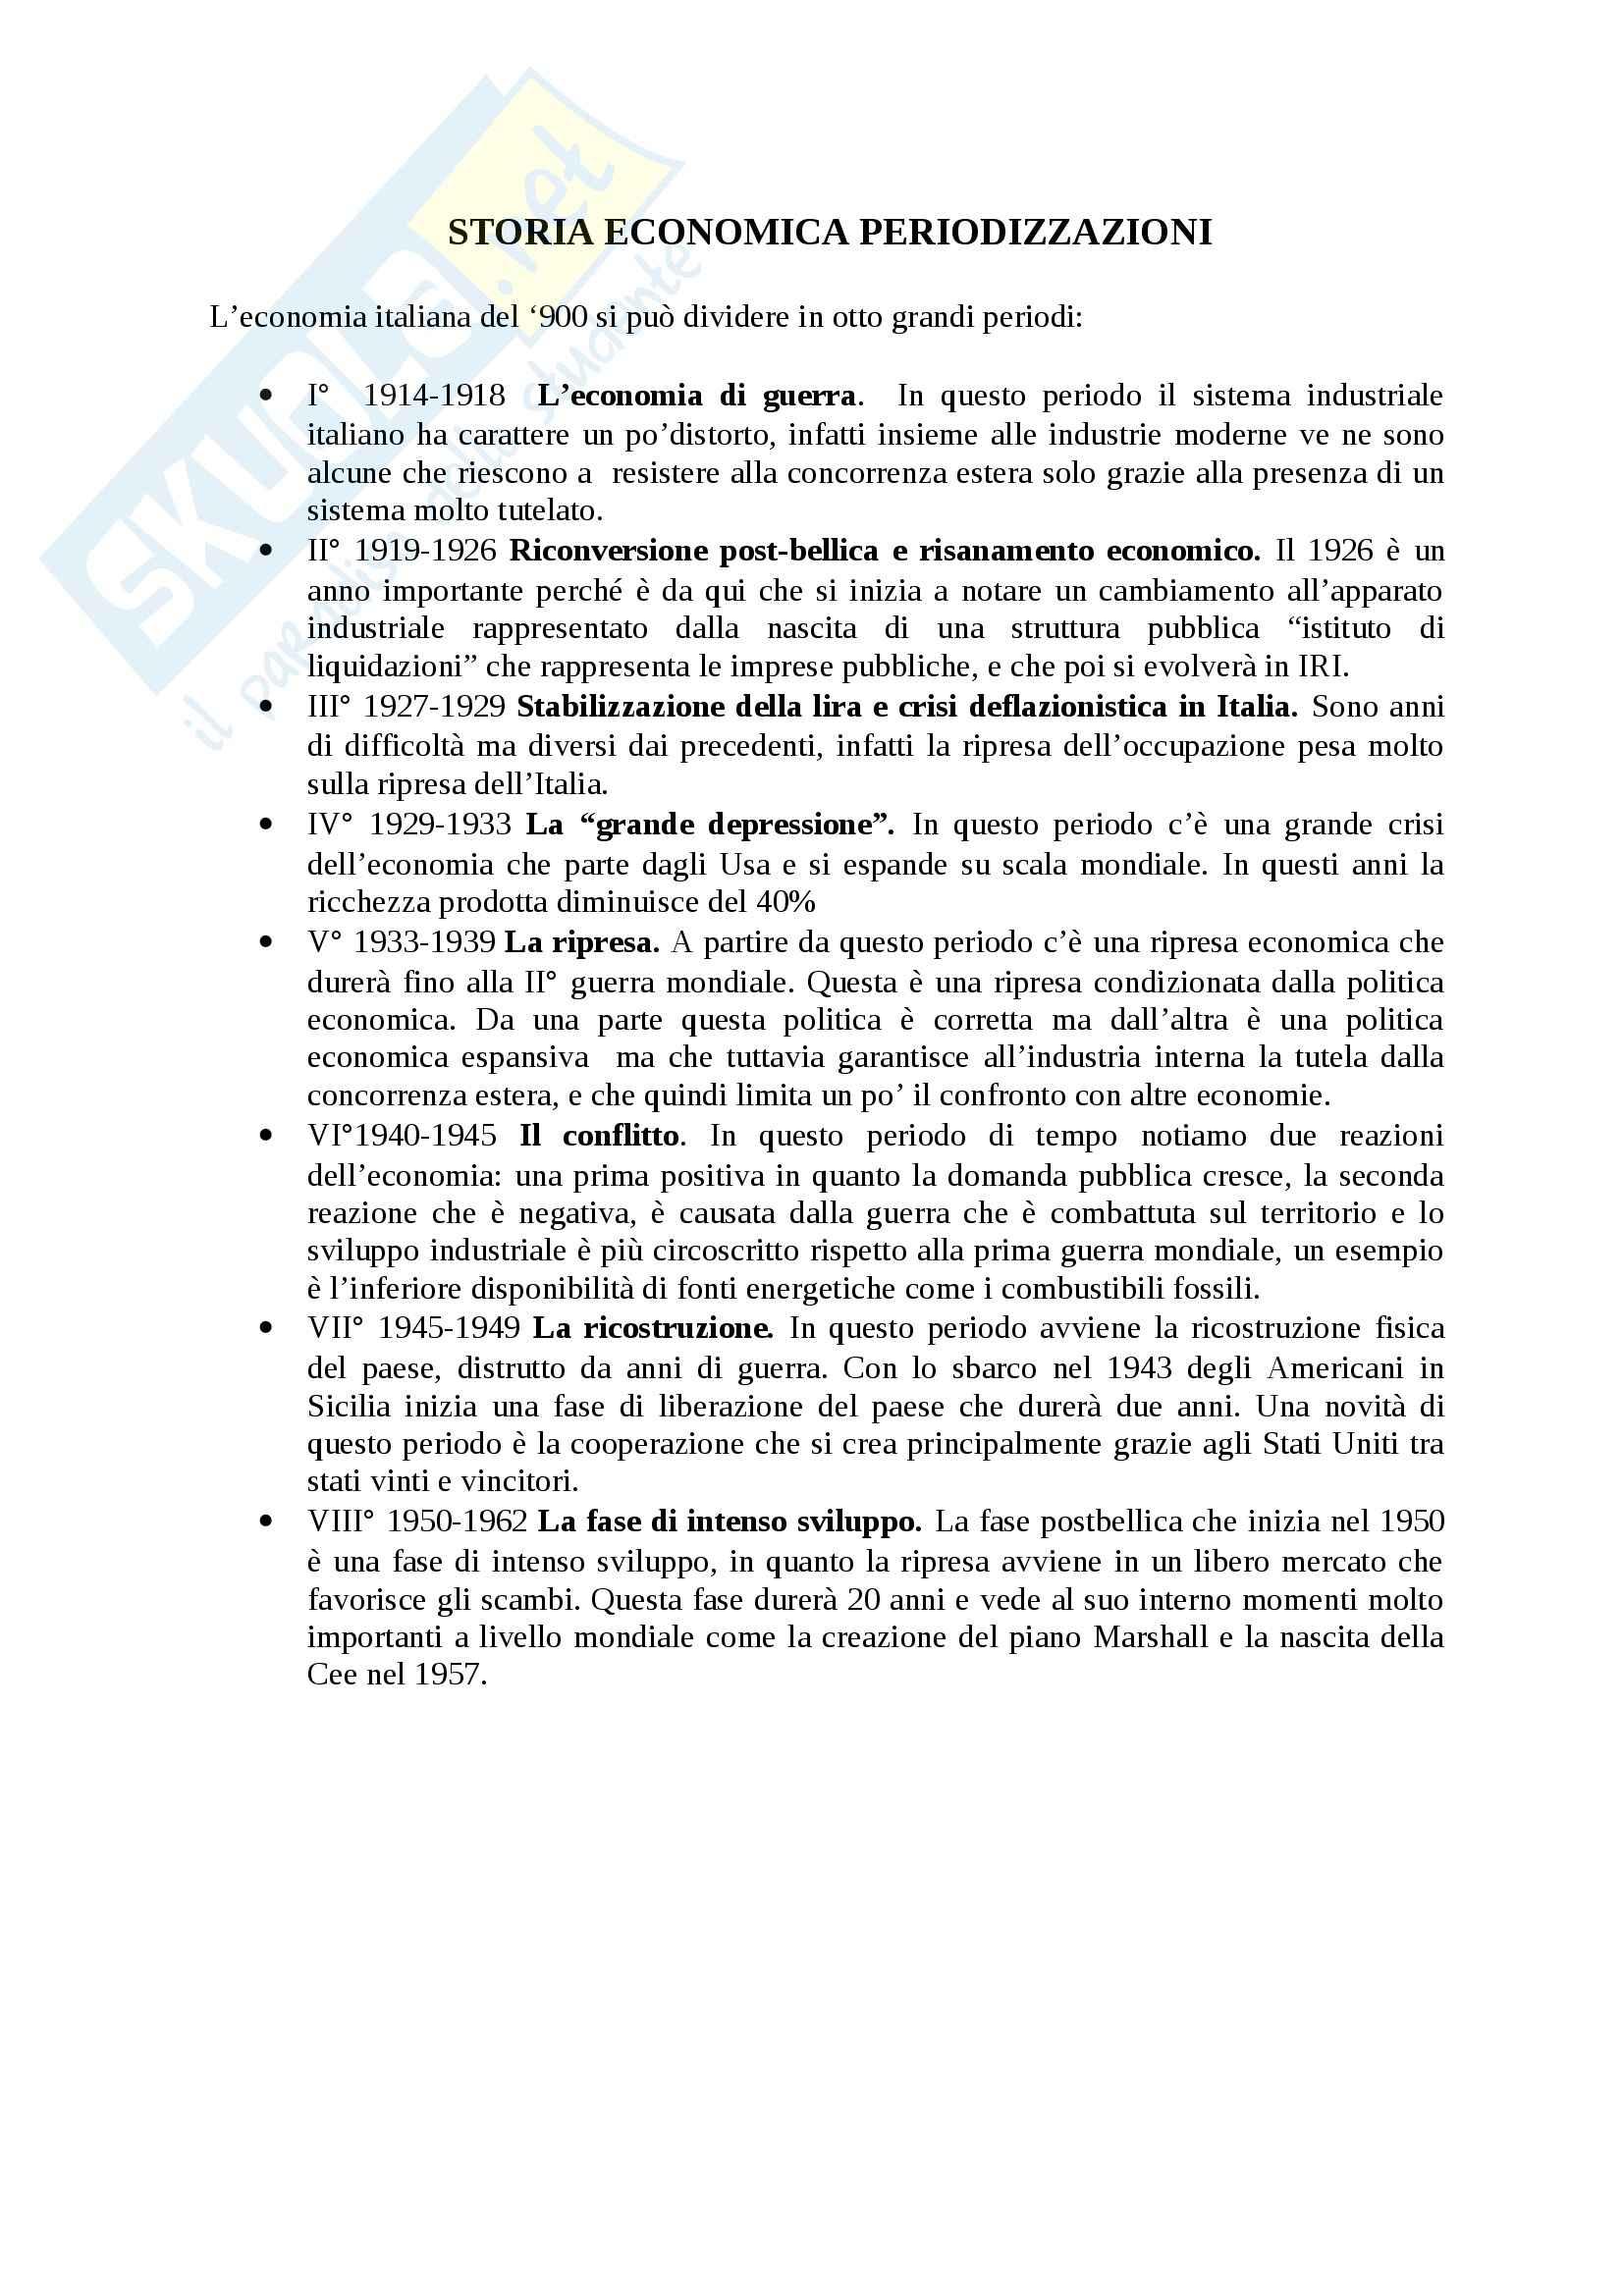 Riassunto esame Storia economica, prof. Fumi, libro consigliato Il Novecento Economico Italiano, Leonardi, Cova, Galea